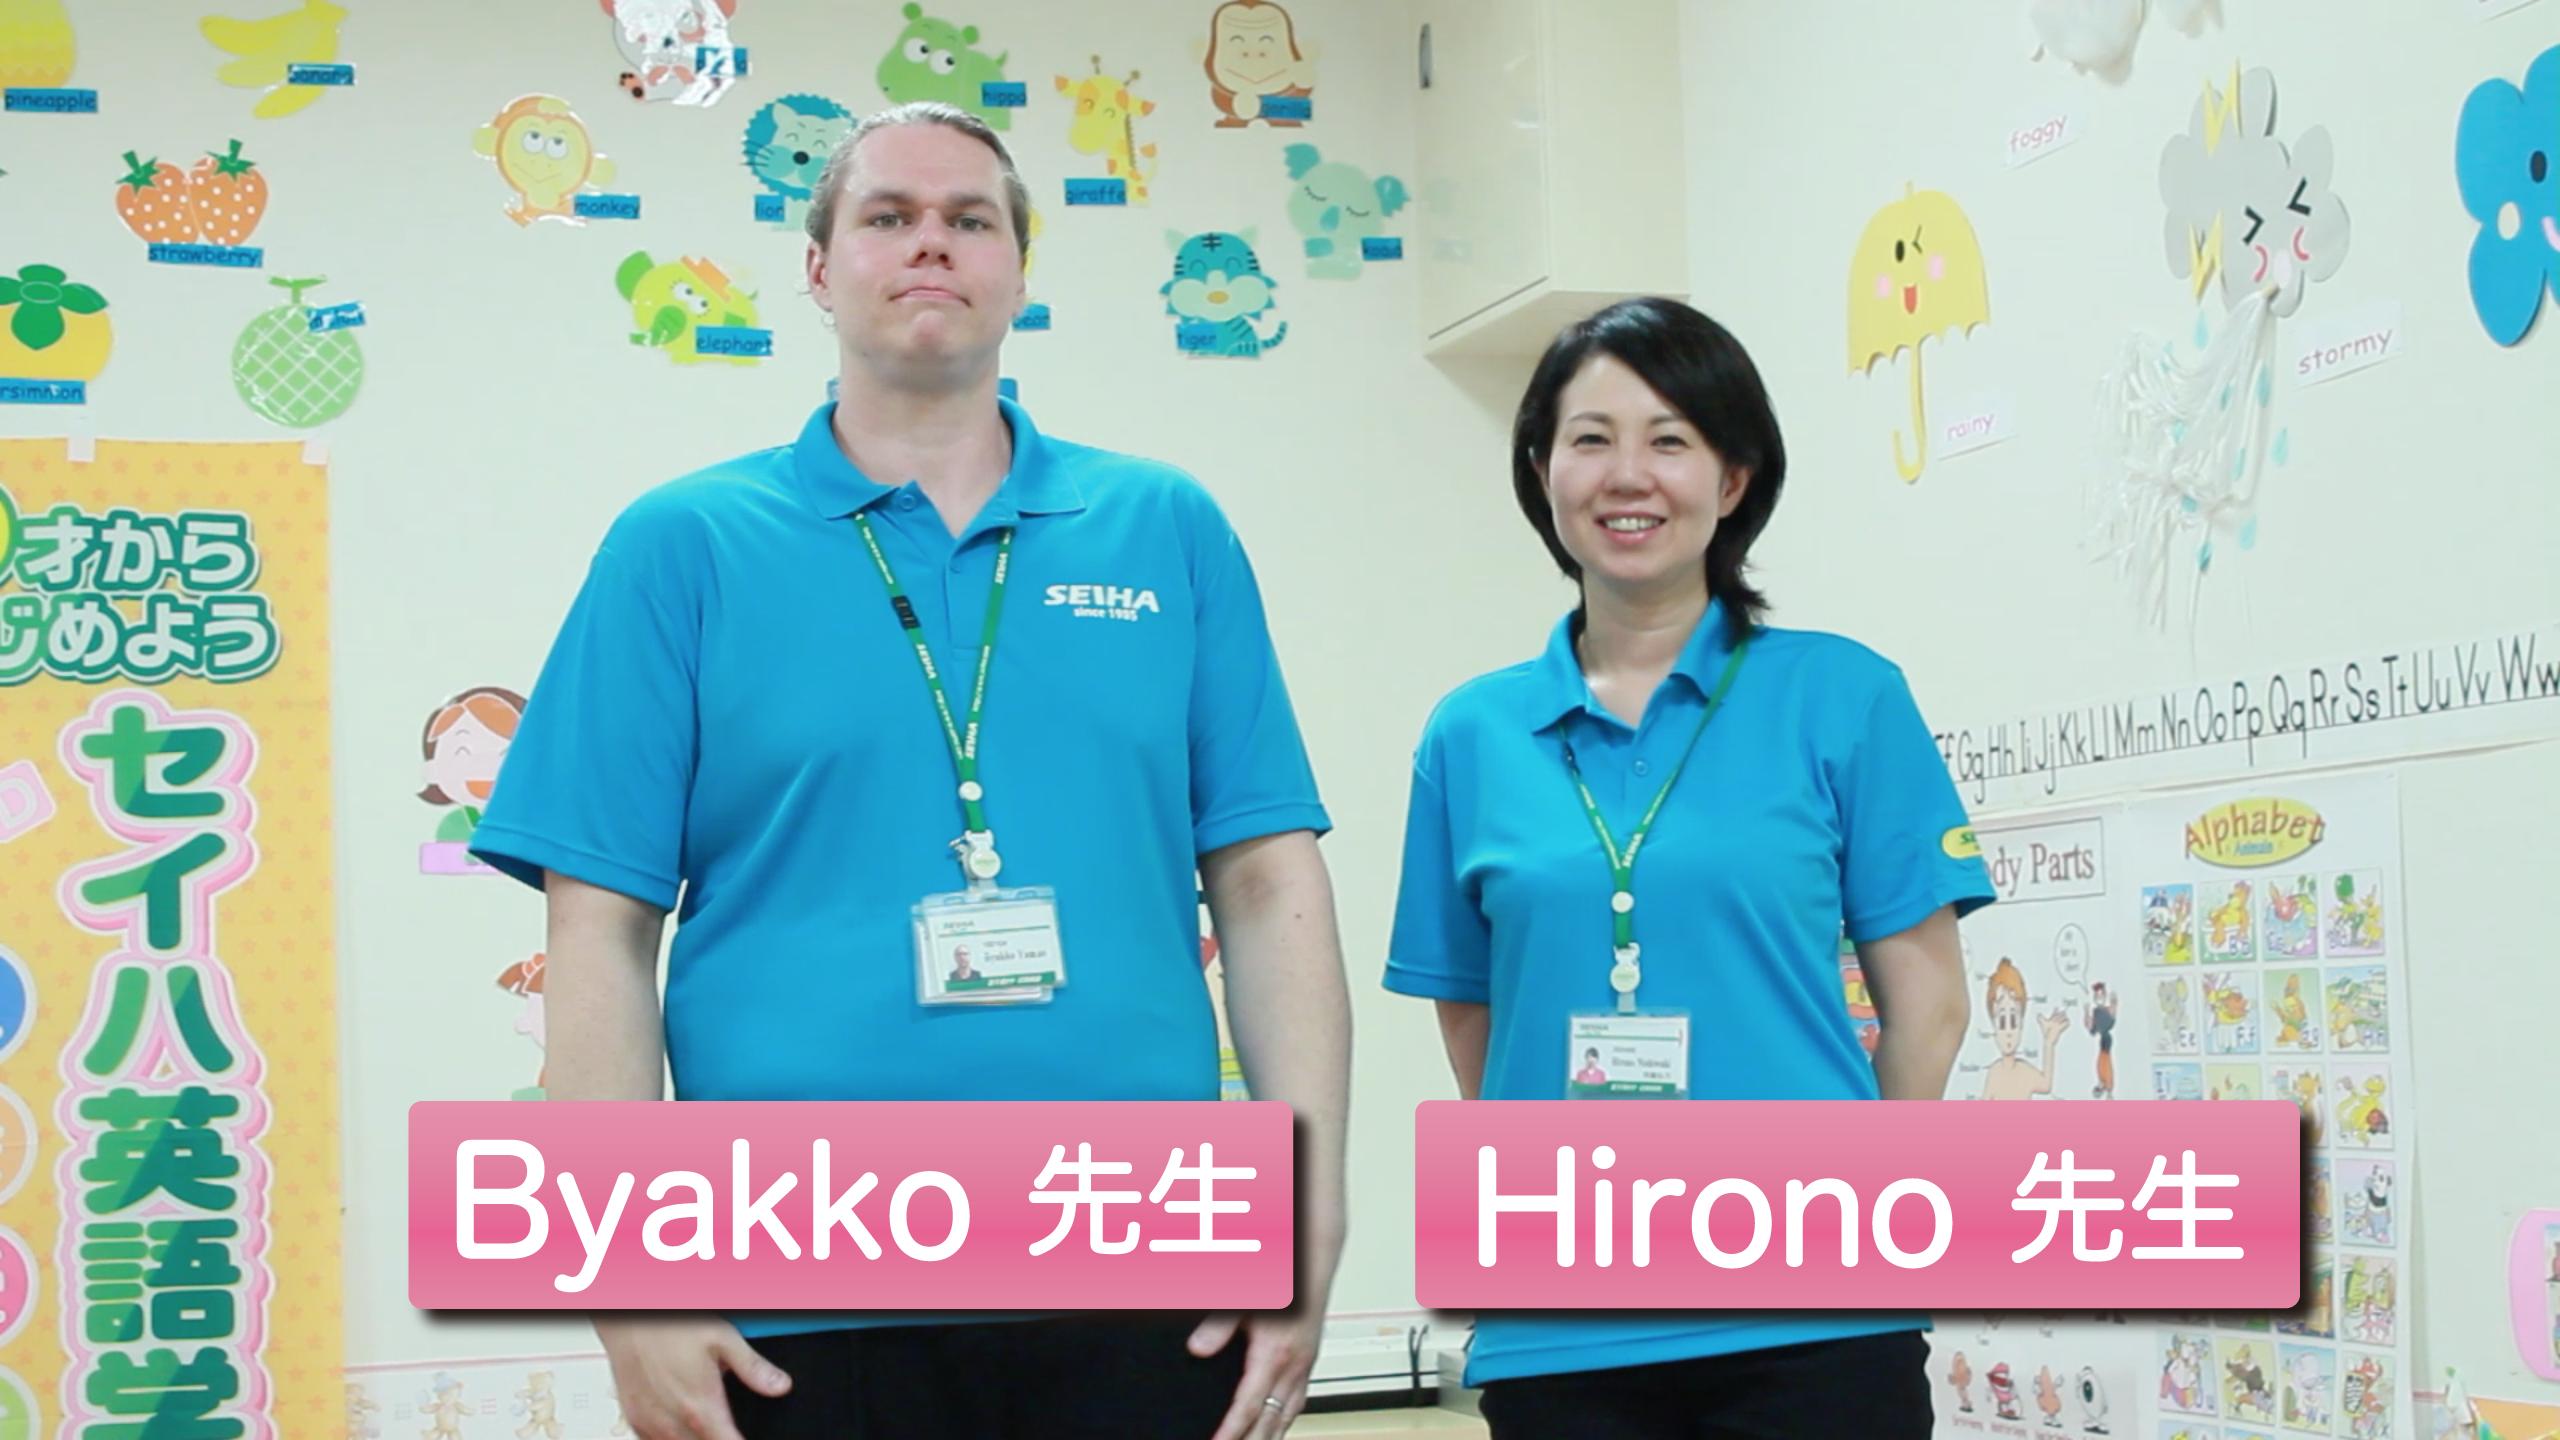 byakko and hirono